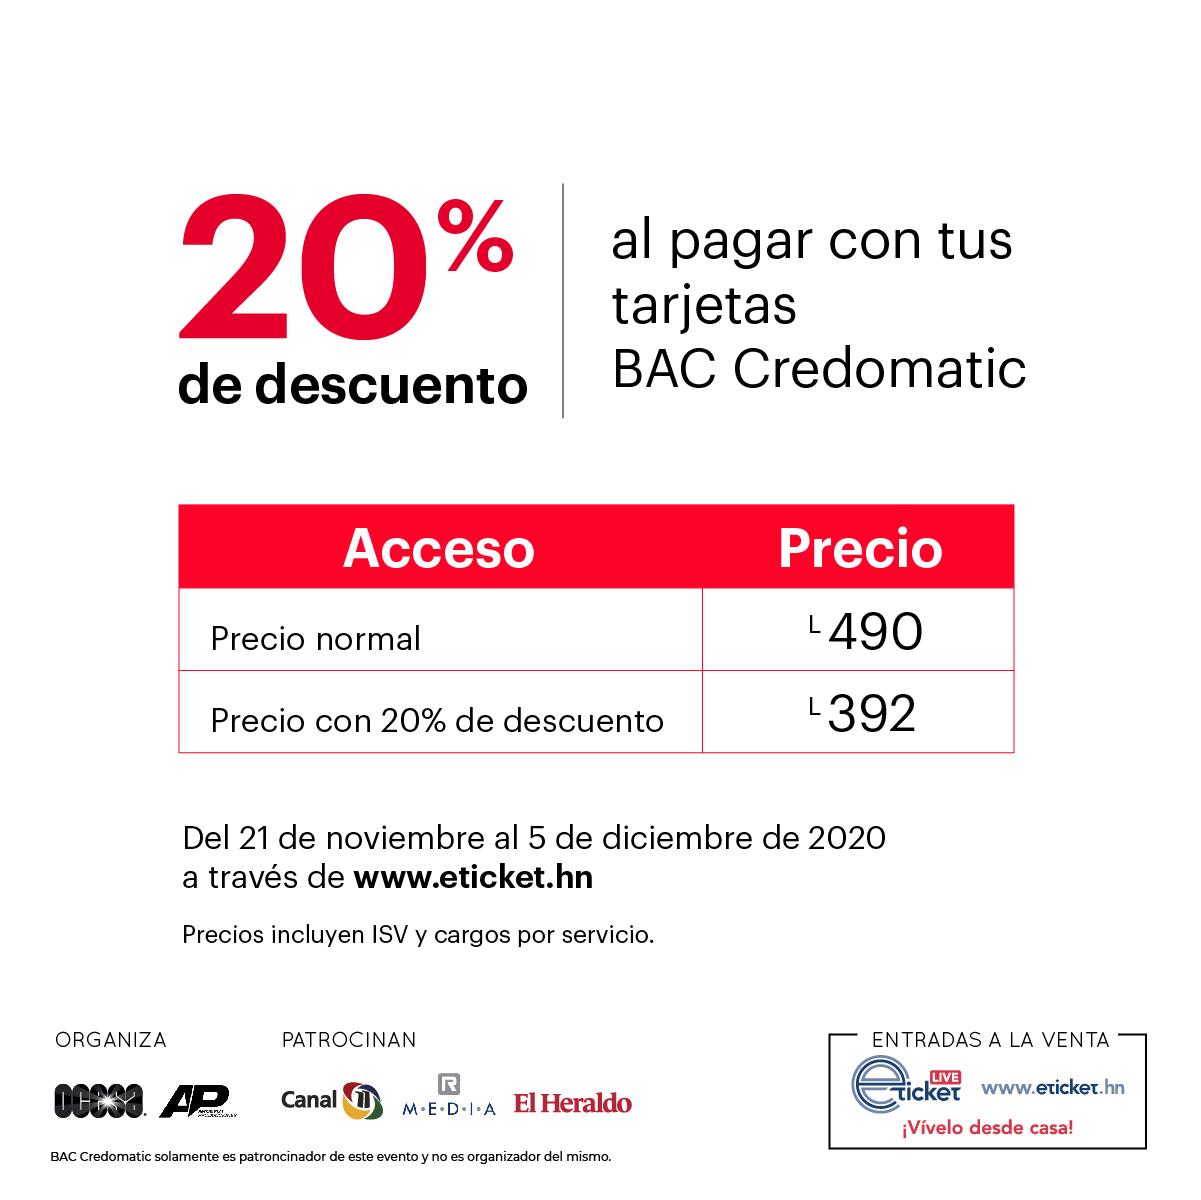 Conciertos BAC Credomatic en Línea presenta a Alejandro Sanz Live Stream